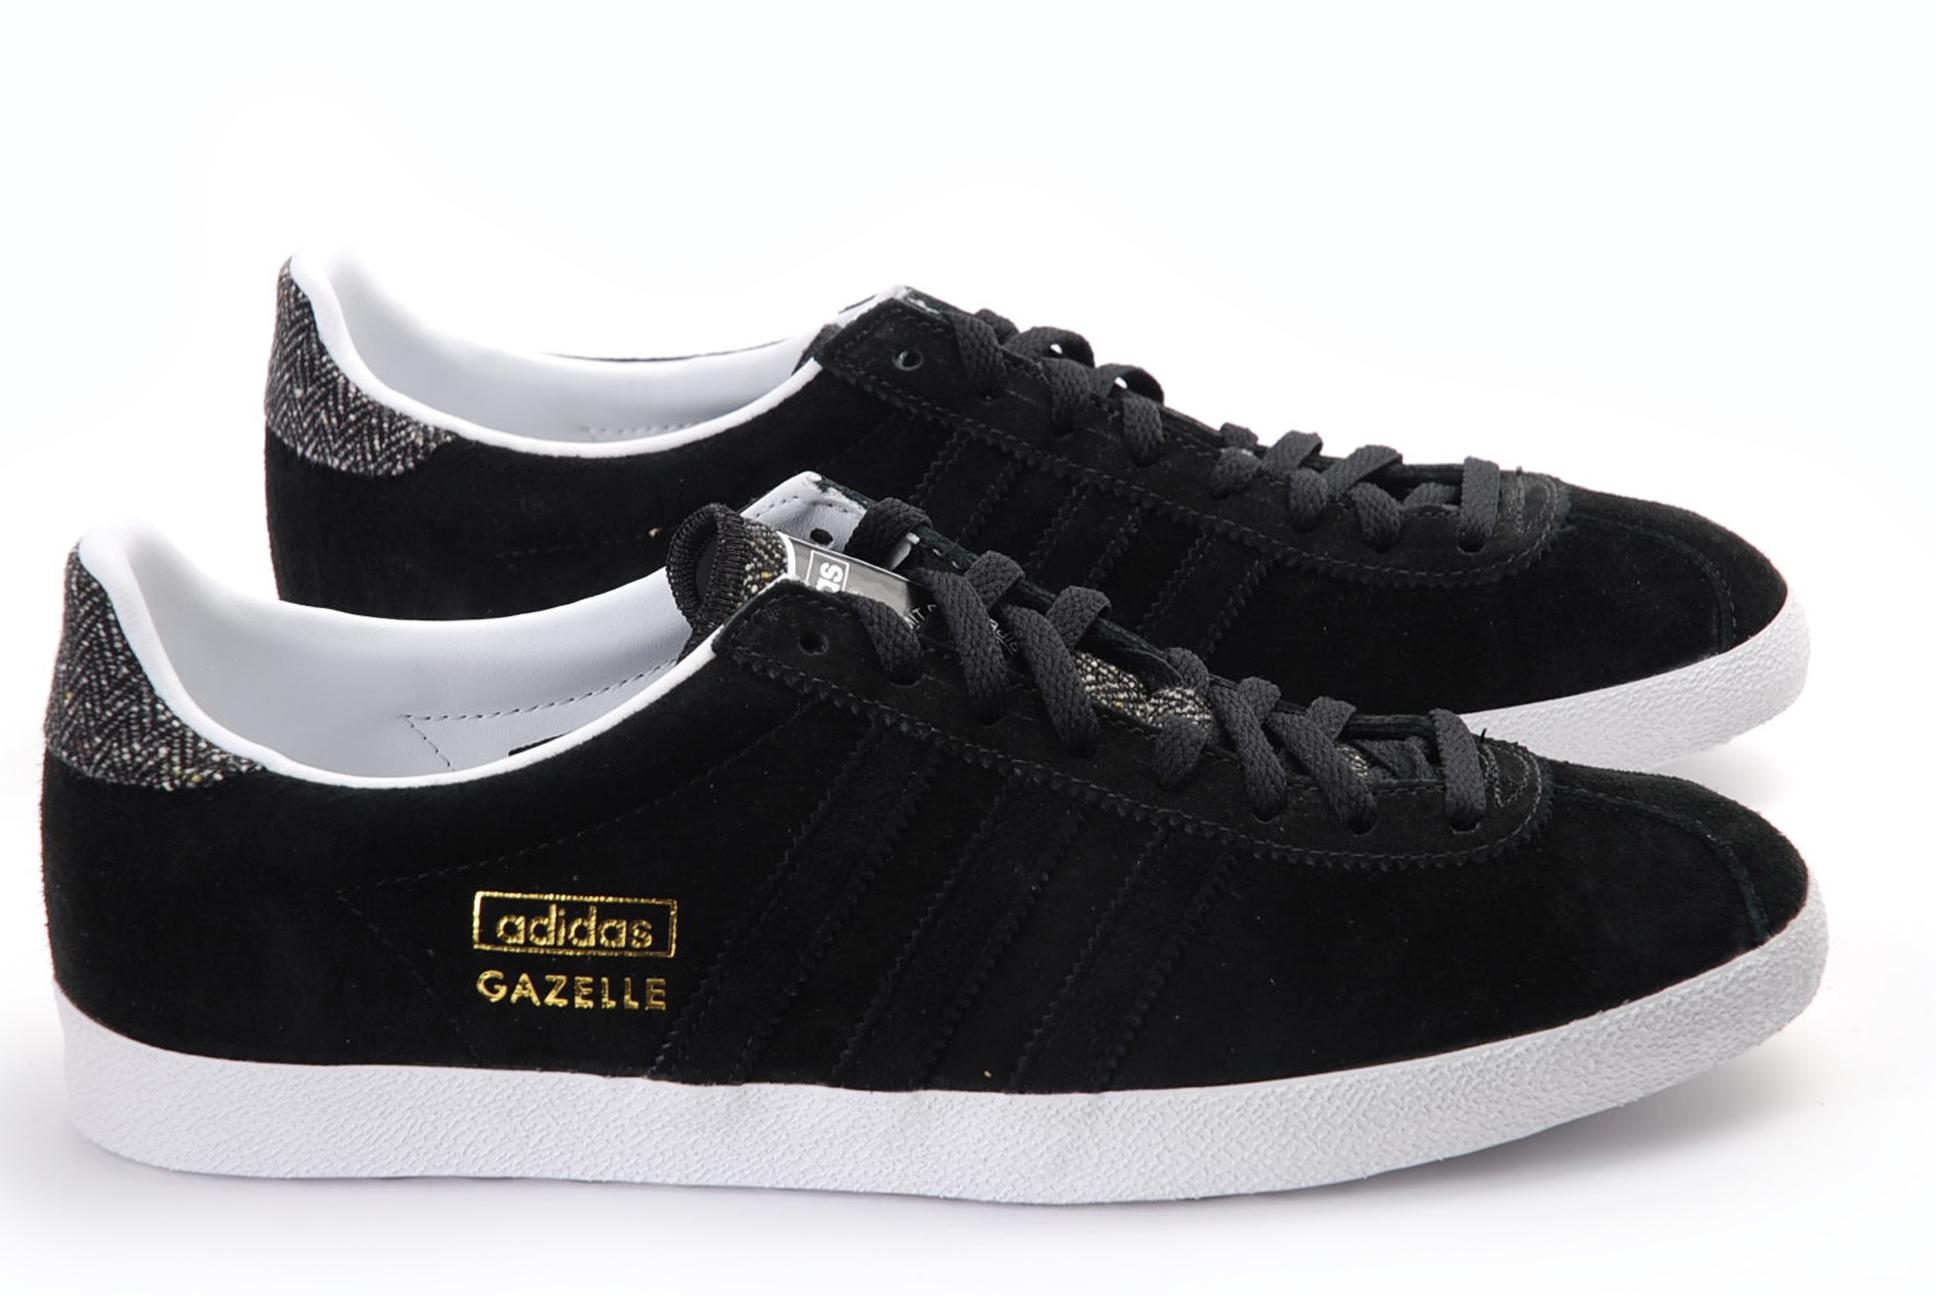 adidas gazelle noir pour femme